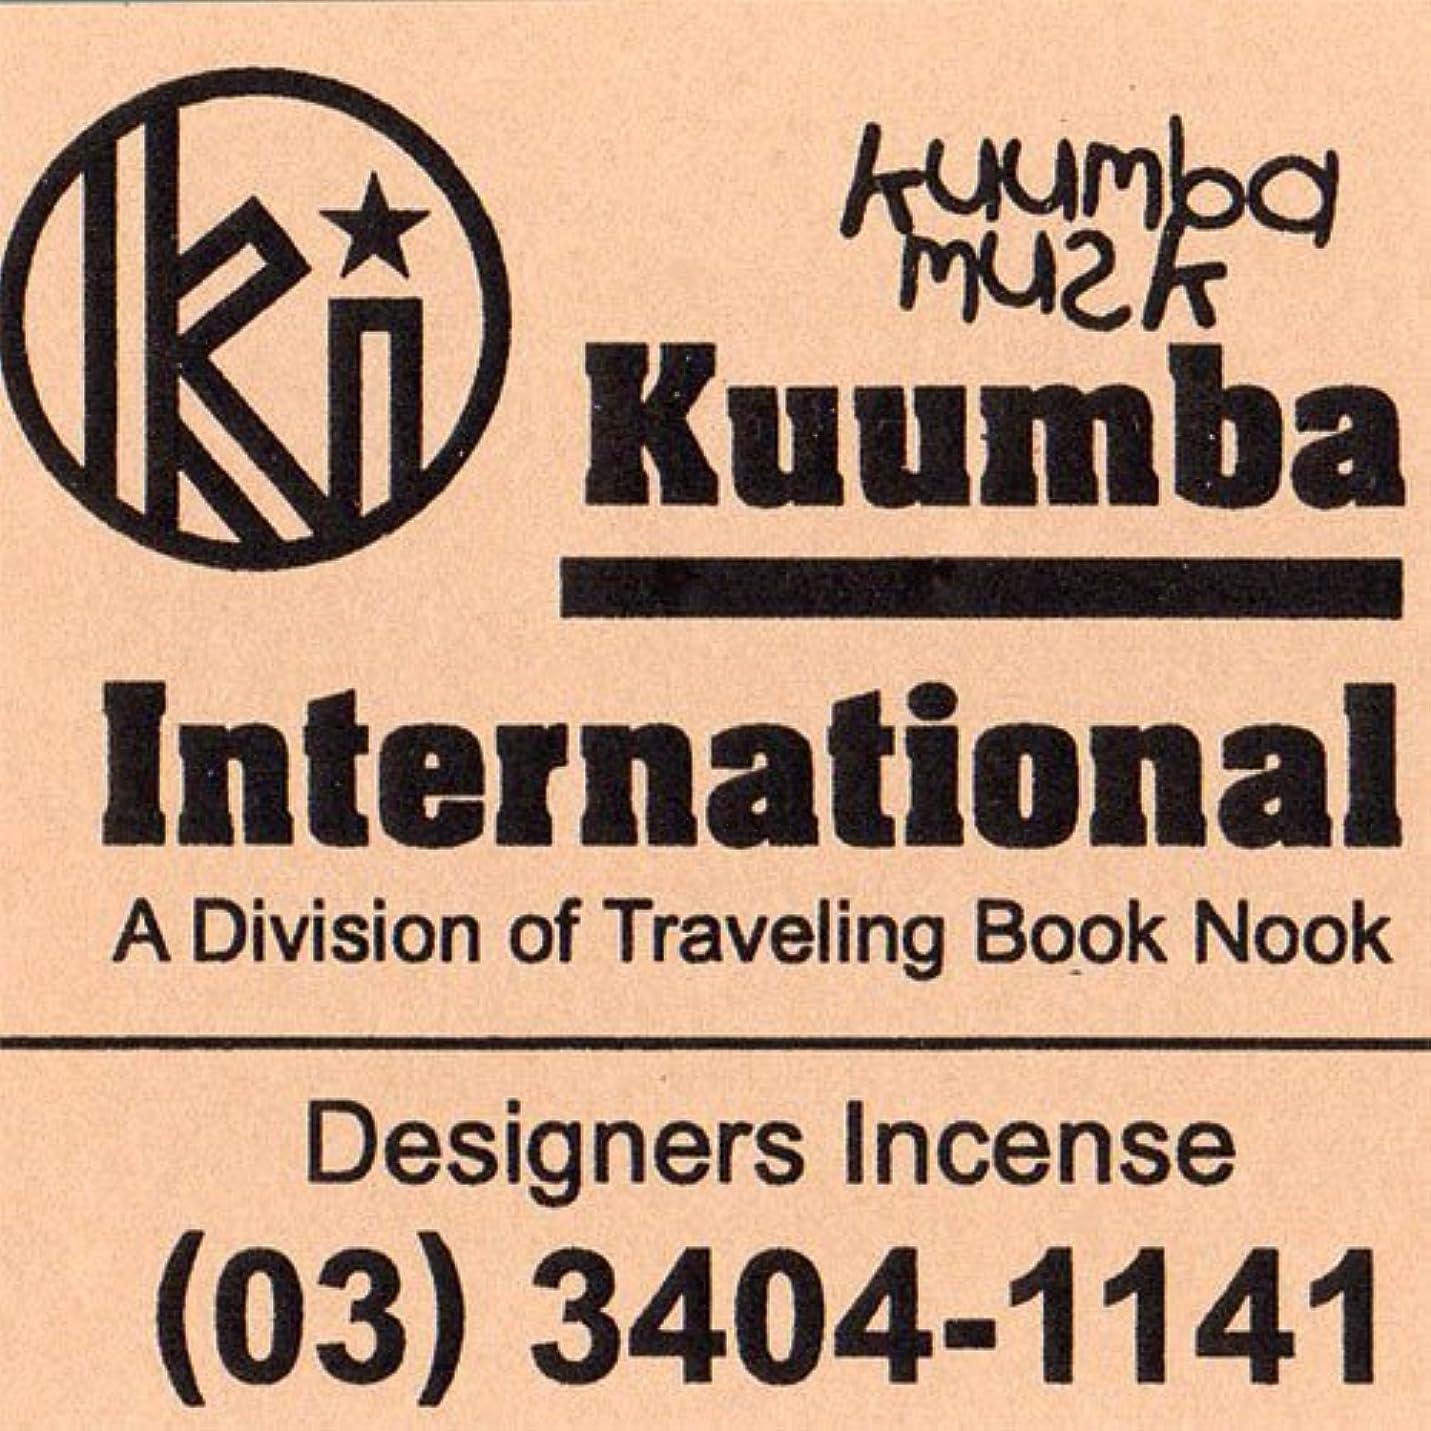 支出リーダーシップ運ぶKUUMBA/クンバ『incense』(KUUMBA MUSK) (Regular size)